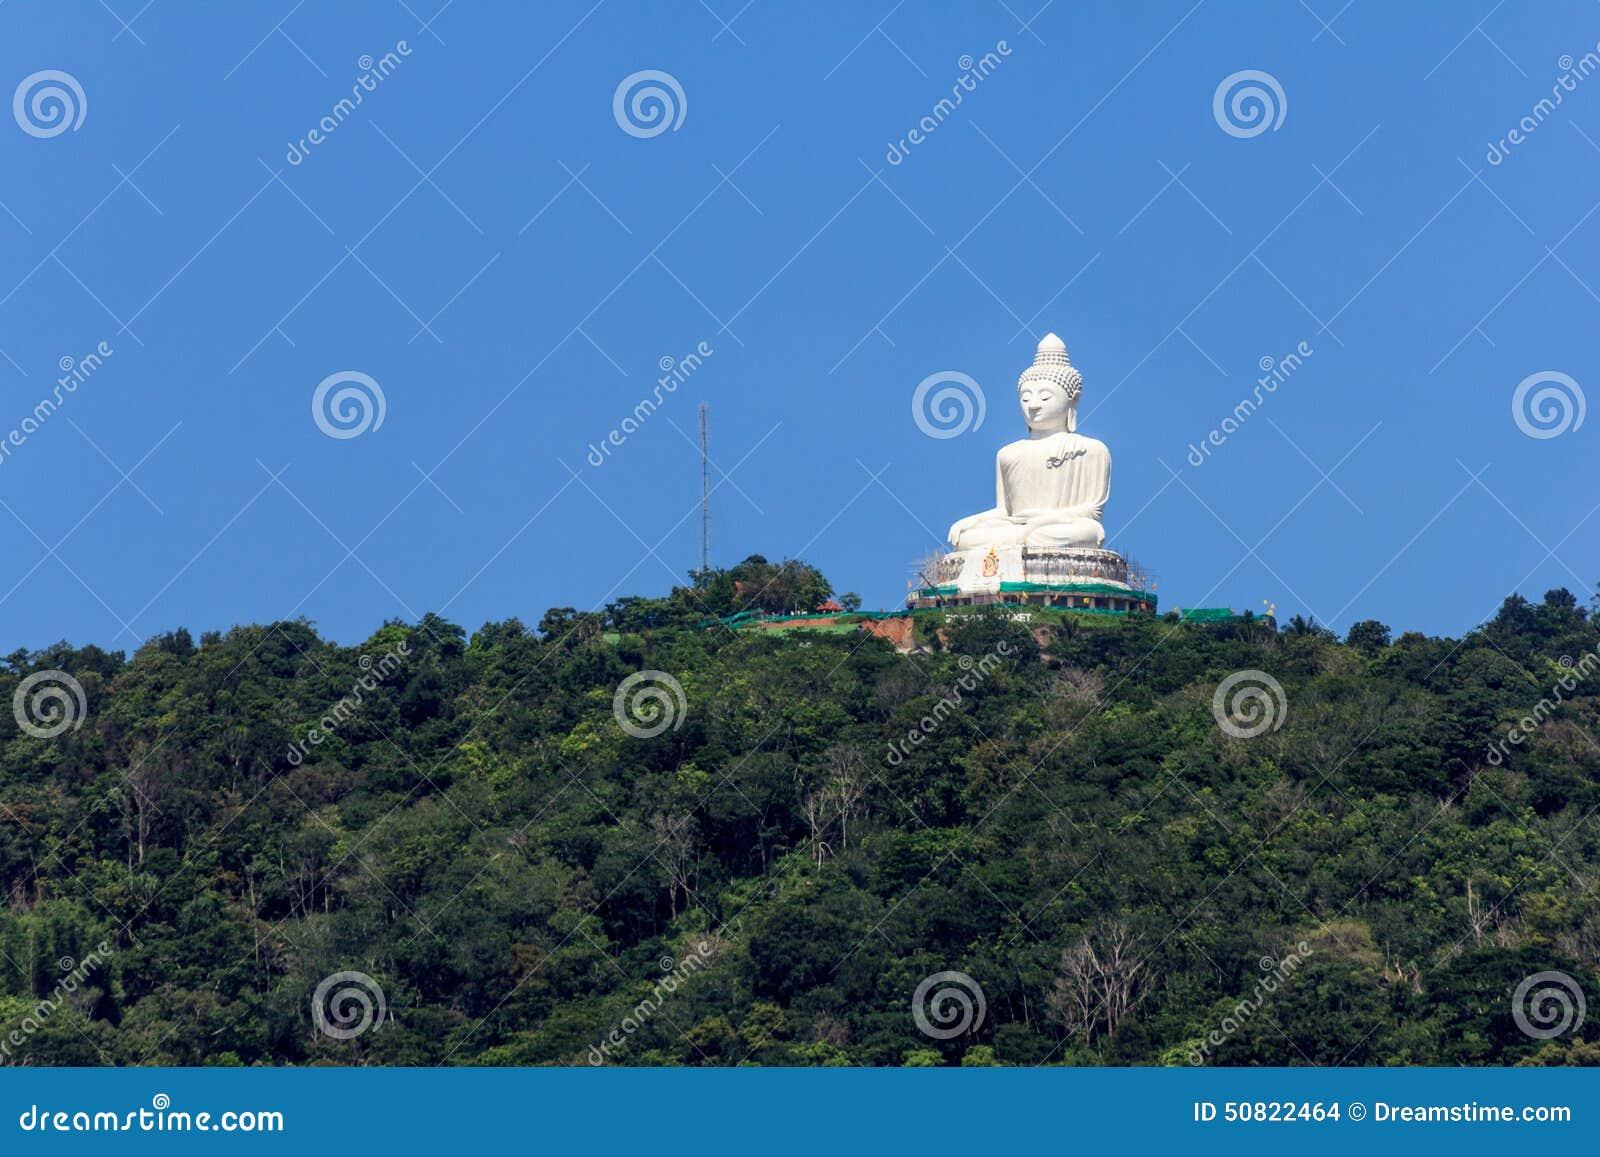 Η μεγάλη εικόνα του Βούδα στο βουνό